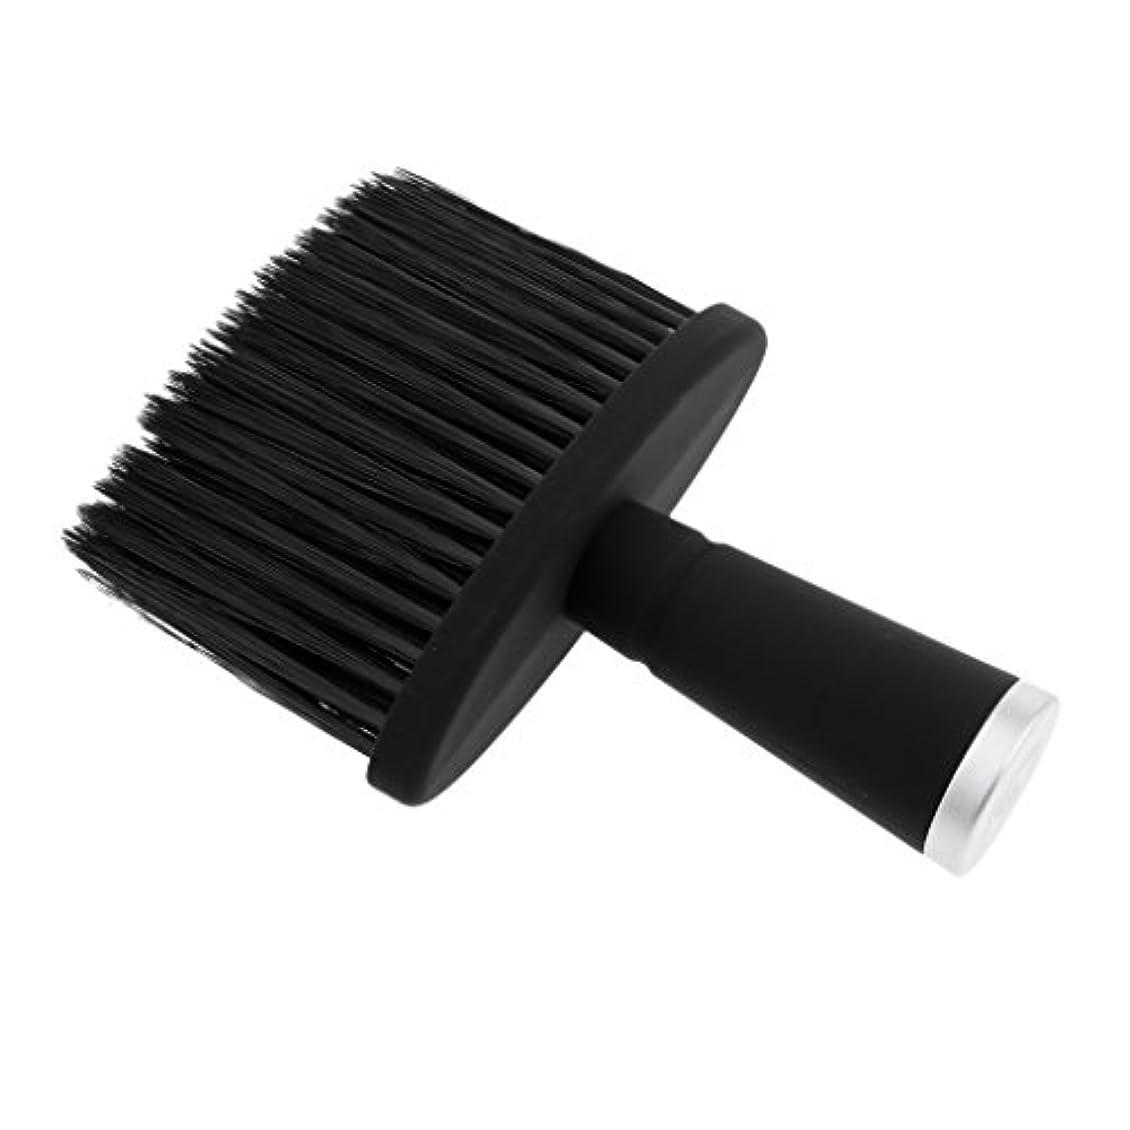 人気の開始人気のソフト ネックダスターブラシ サロン スタイリスト 理髪 ヘアカット 全2色 - 銀